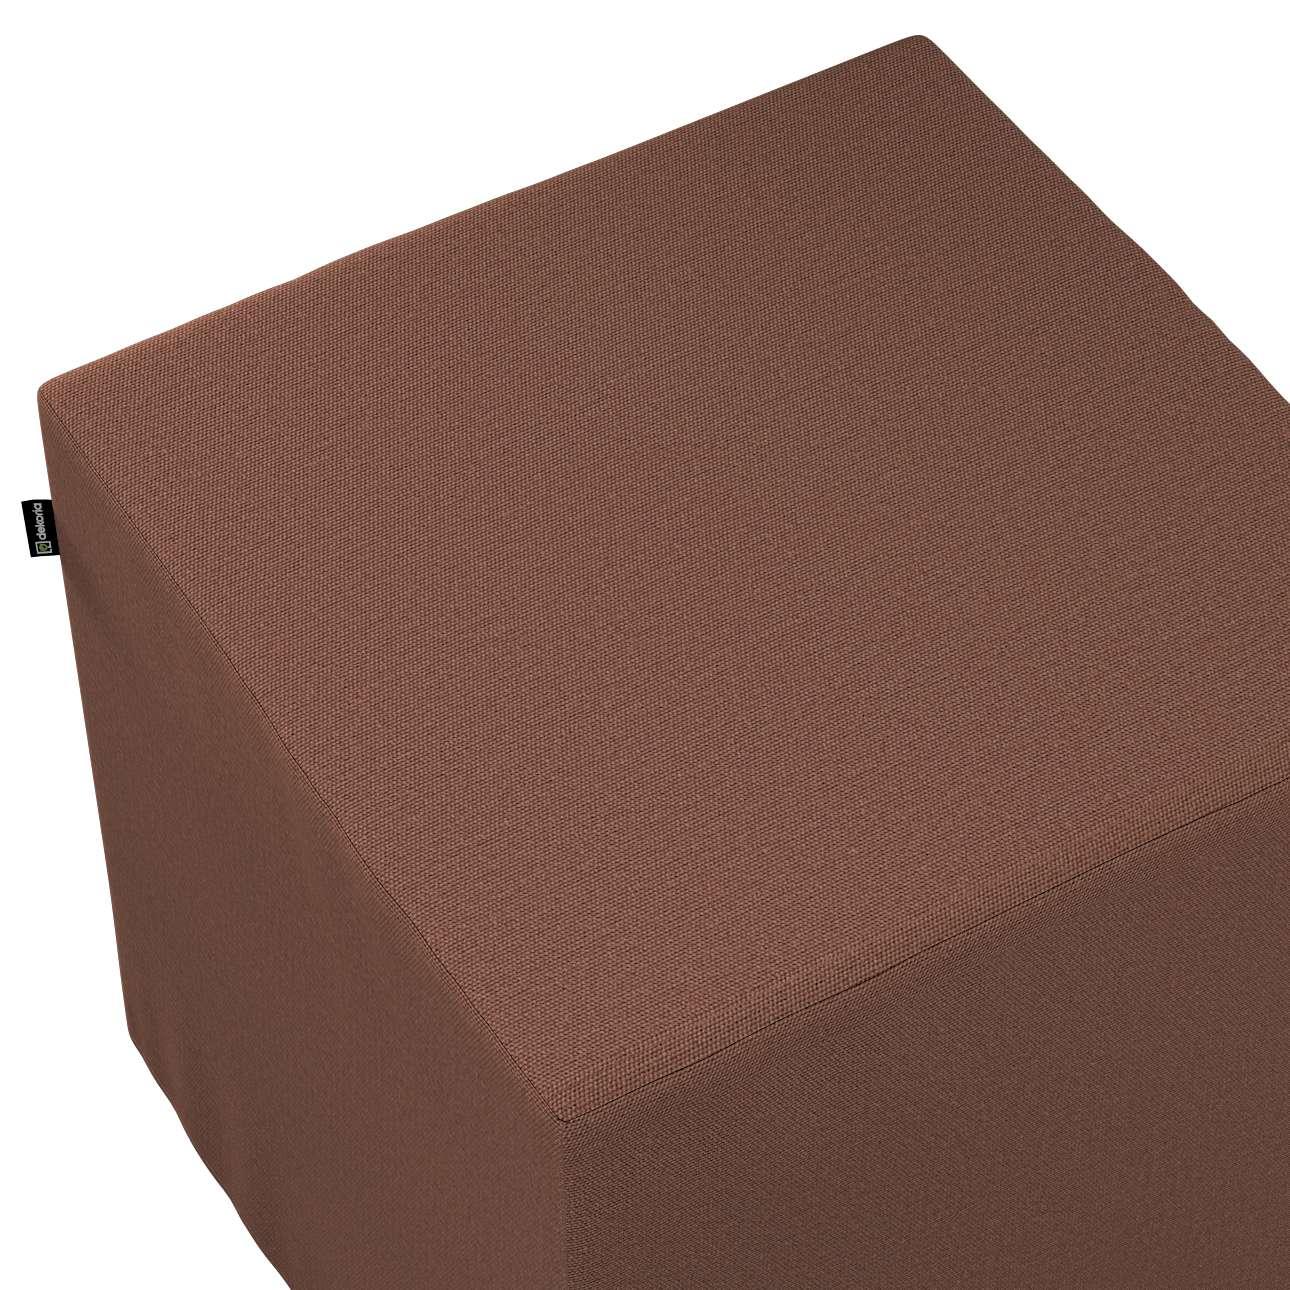 Pokrowiec na pufę kostkę w kolekcji Loneta, tkanina: 133-09